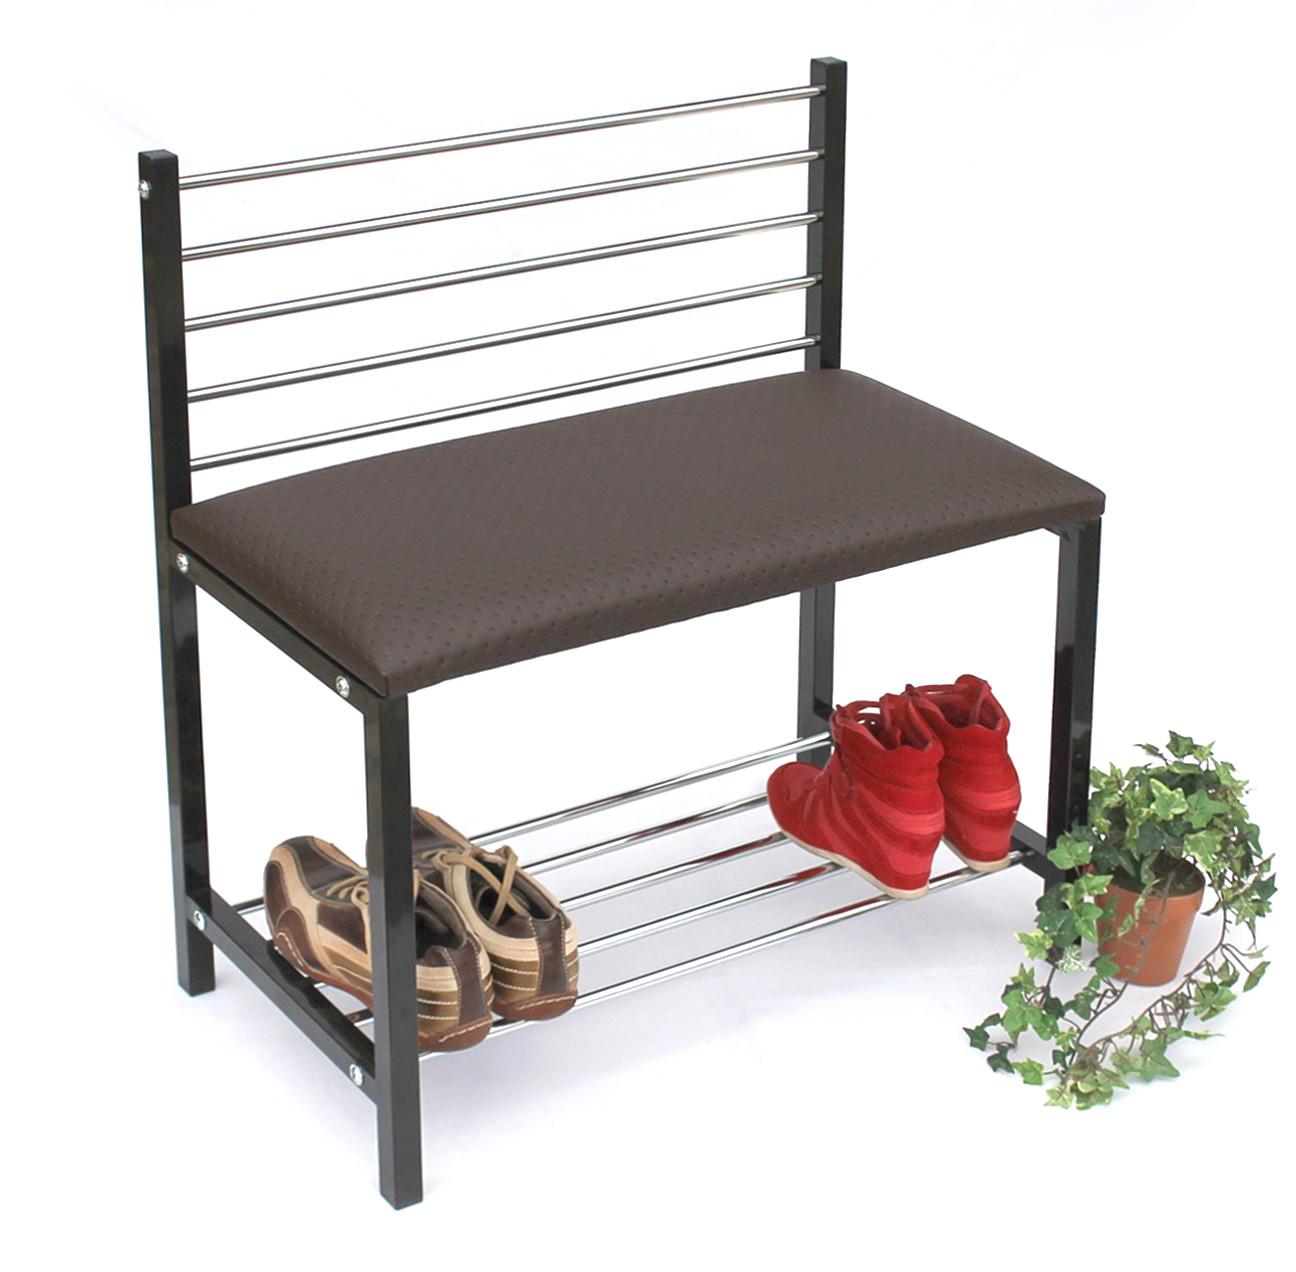 Schuhregal mit sitzbank bank 70 cm schuhschrank for Schuhschrank 75 cm